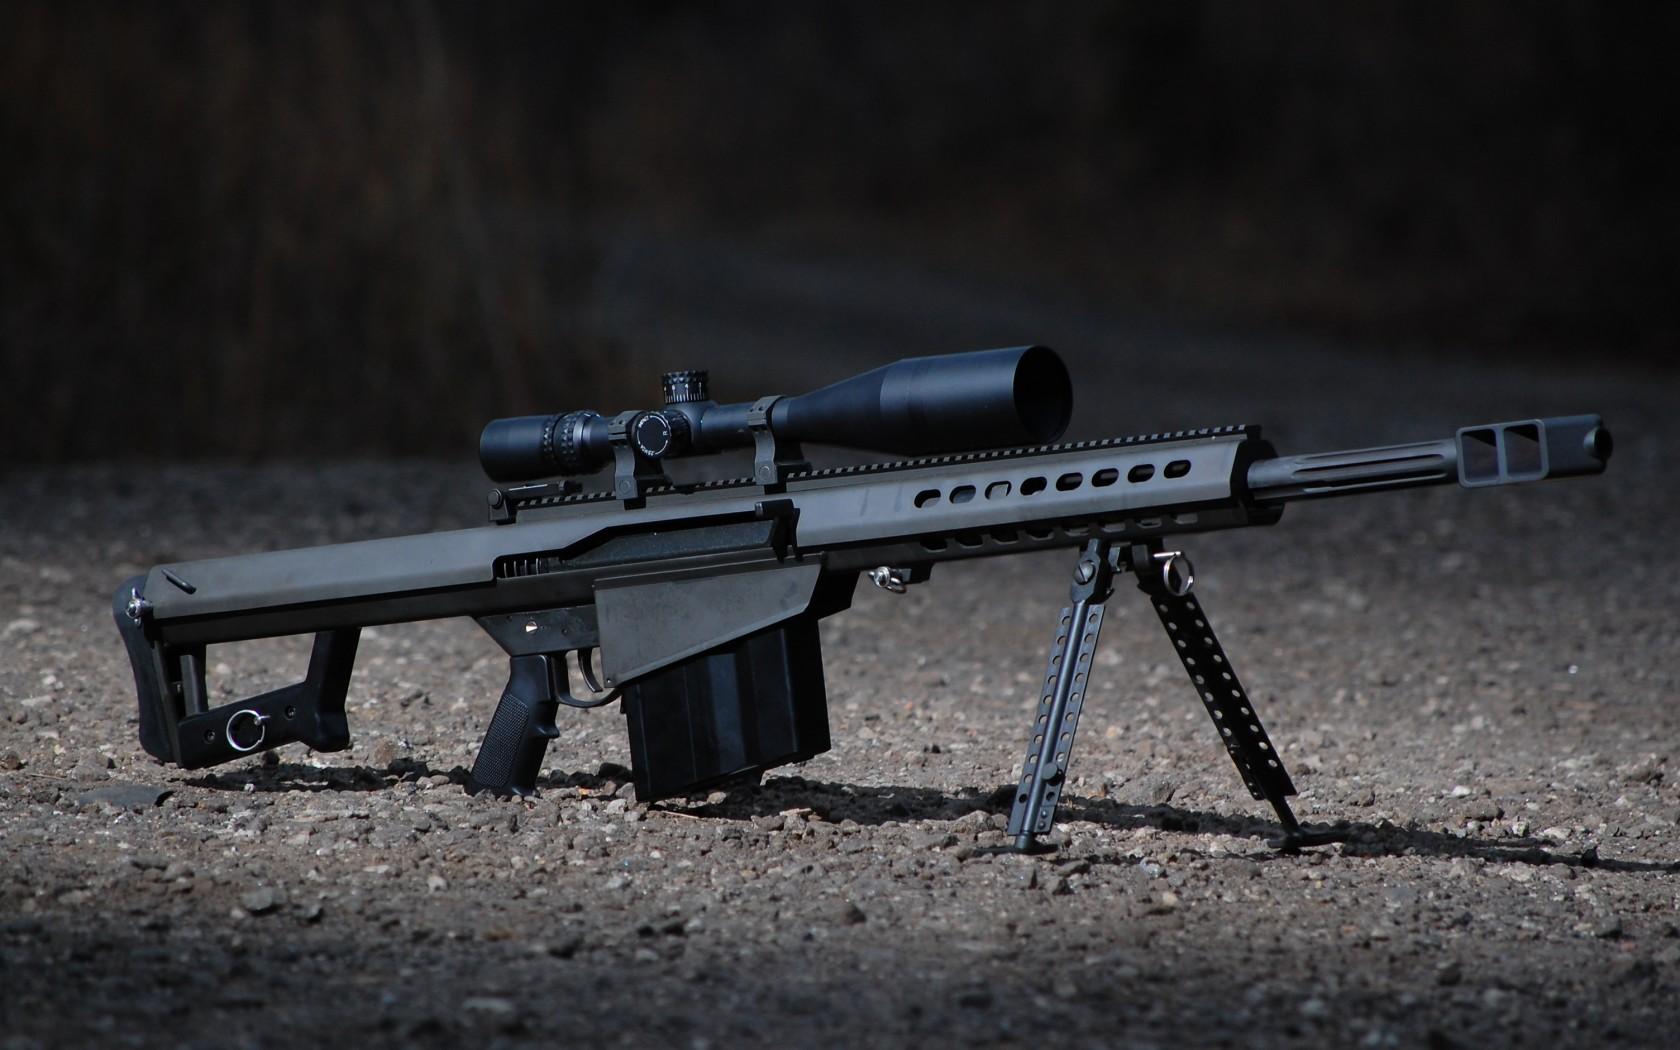 Sniper Gun Wallpapers HD Unique HD Wallpapers 1680x1050